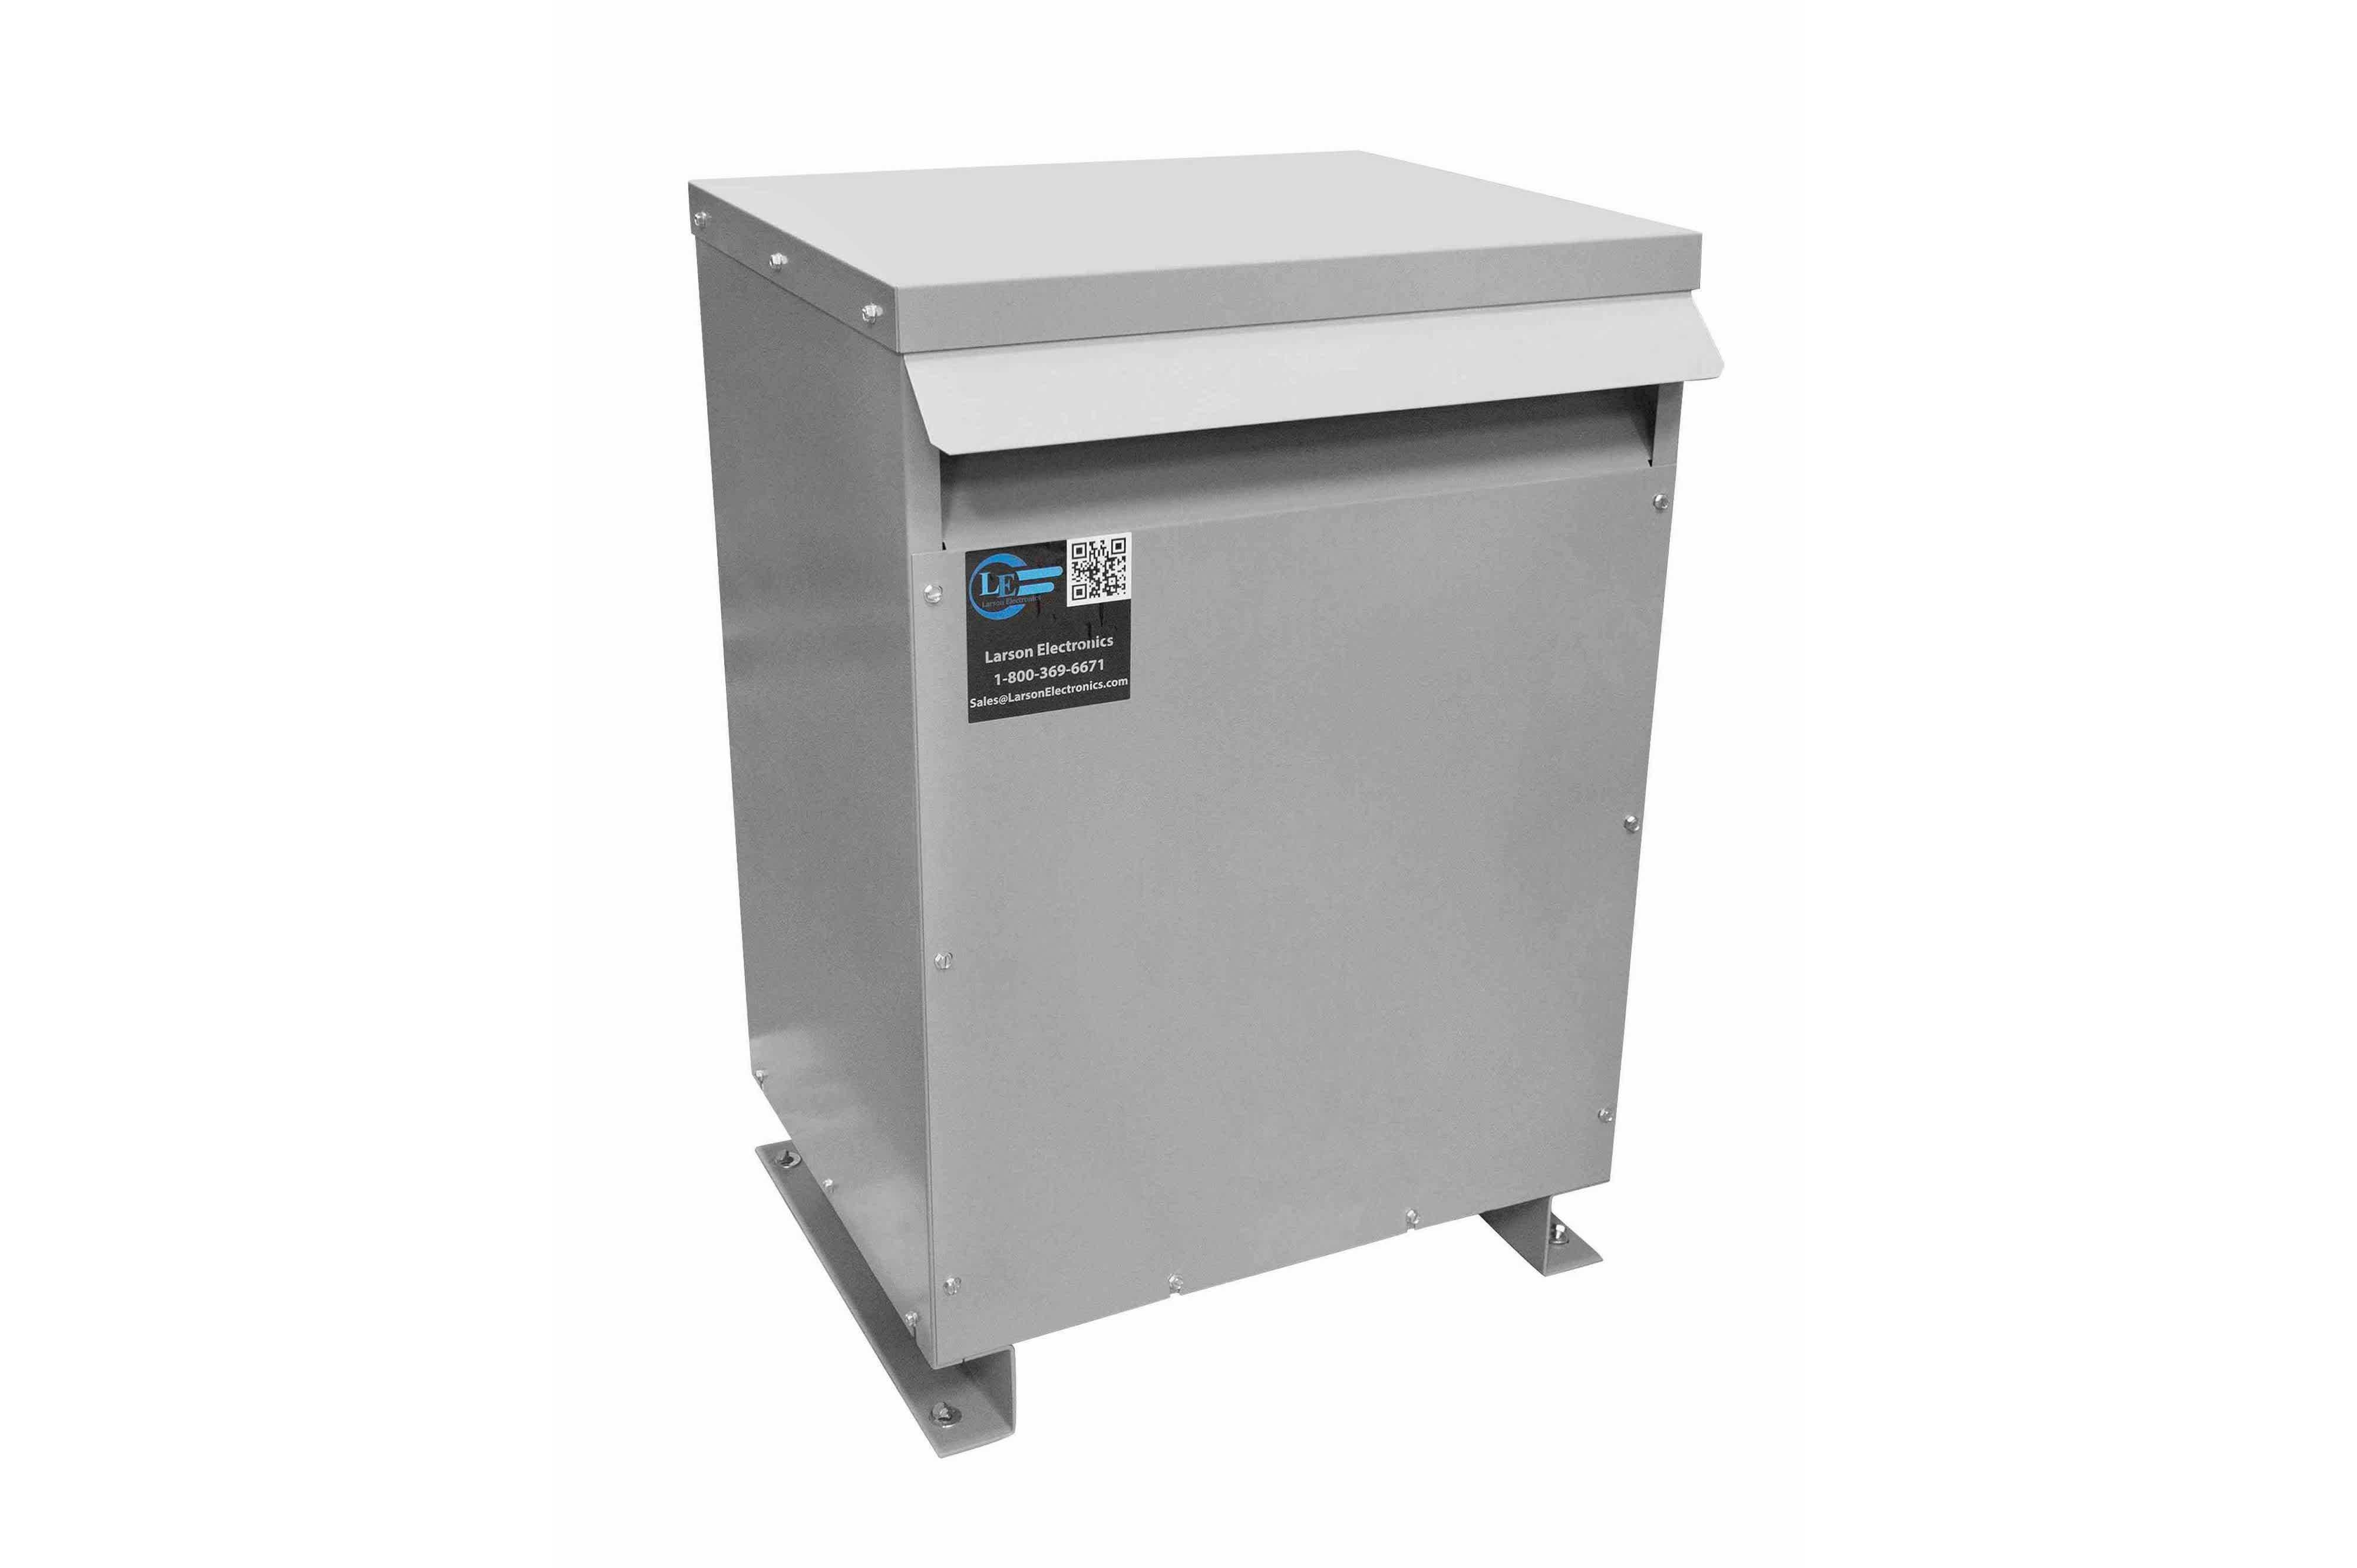 36 kVA 3PH Isolation Transformer, 600V Delta Primary, 240 Delta Secondary, N3R, Ventilated, 60 Hz